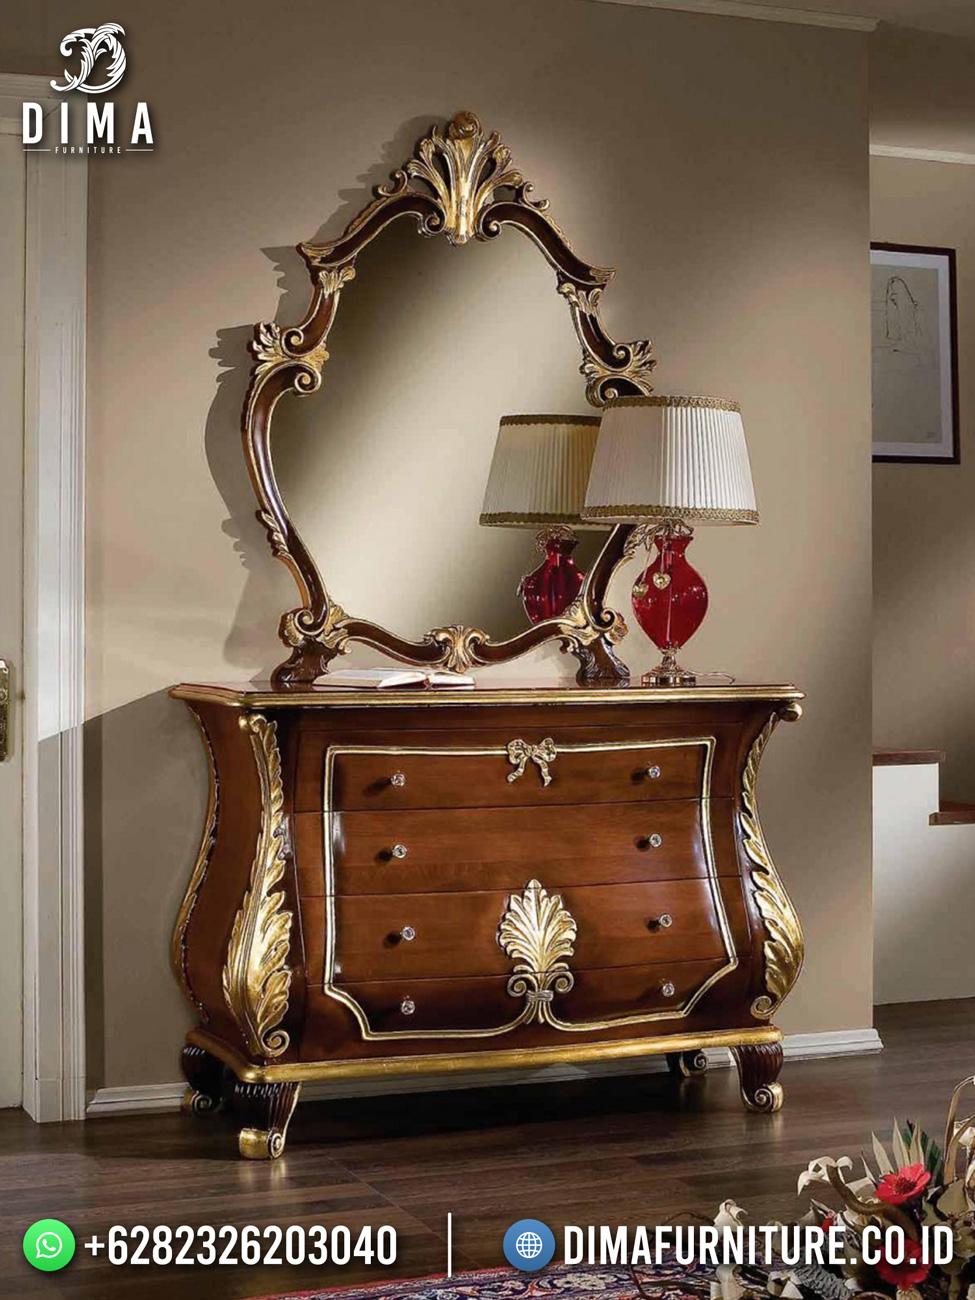 Meja Konsul Mewah Natural Jati Klasik Luxury Great Design Interior TTJ-1720